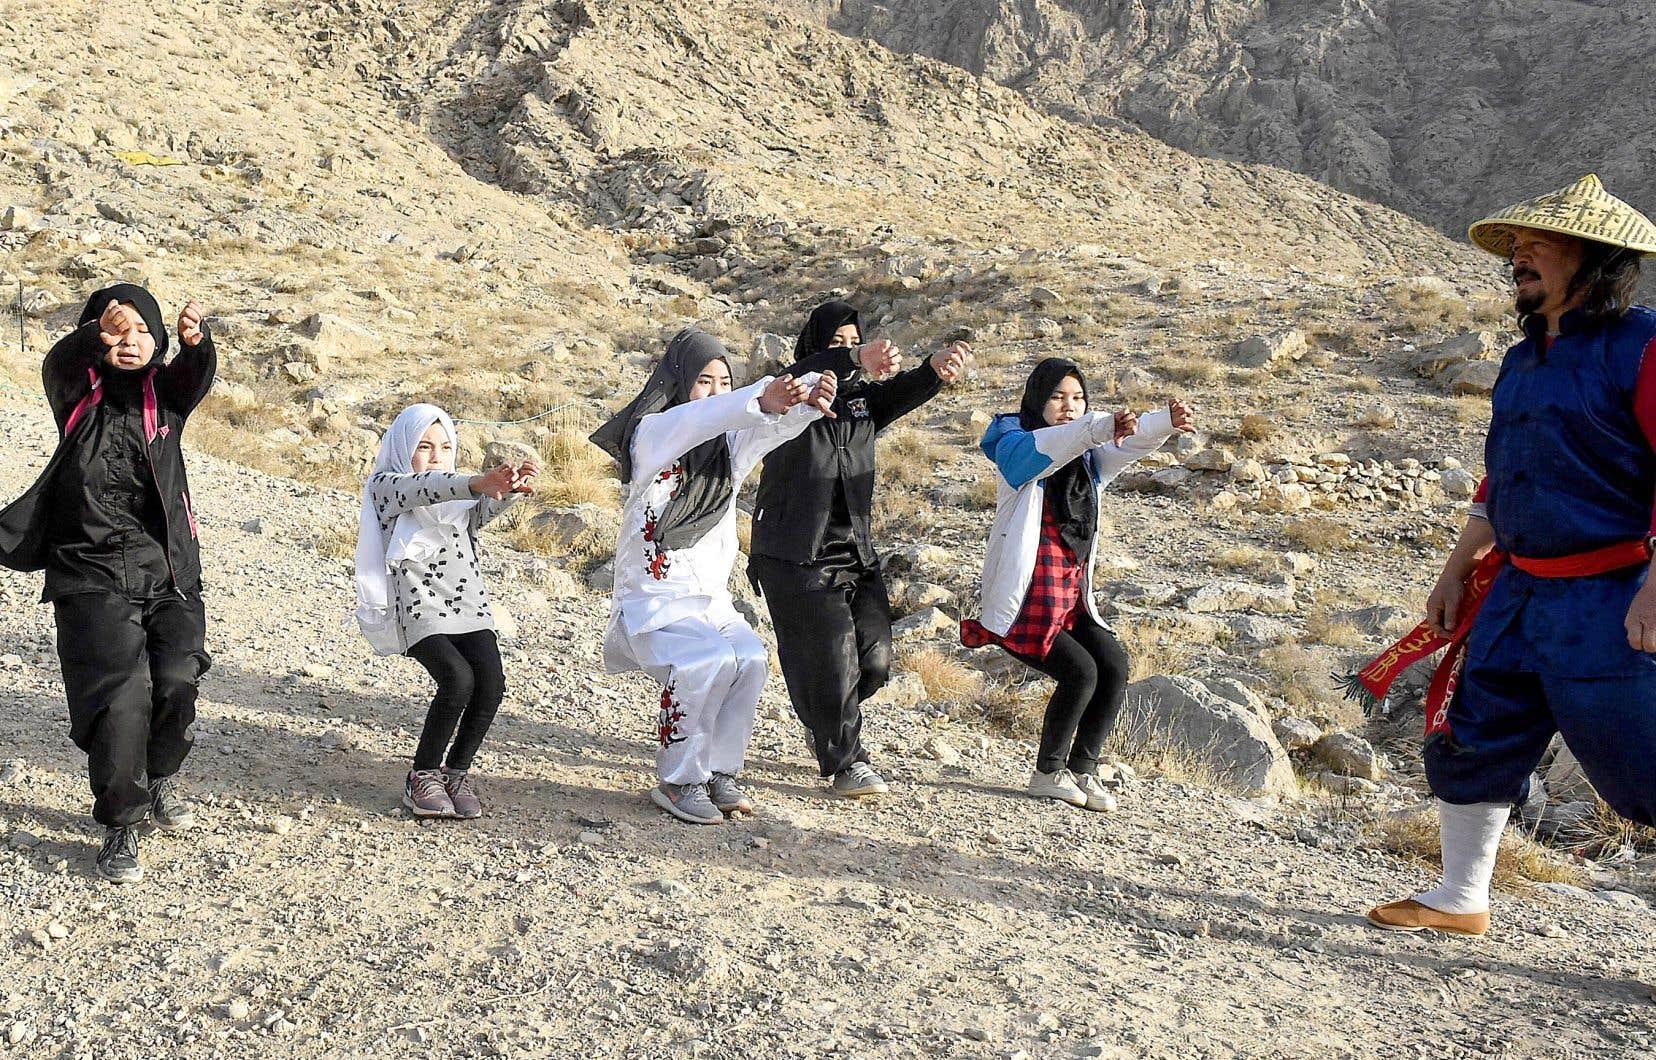 Mubarak Ali Shan, un professeur d'arts martiaux, donne un cours d'autodéfense à des membres de la communauté hazara, sur une montagne à la périphérie de la ville de Quetta.